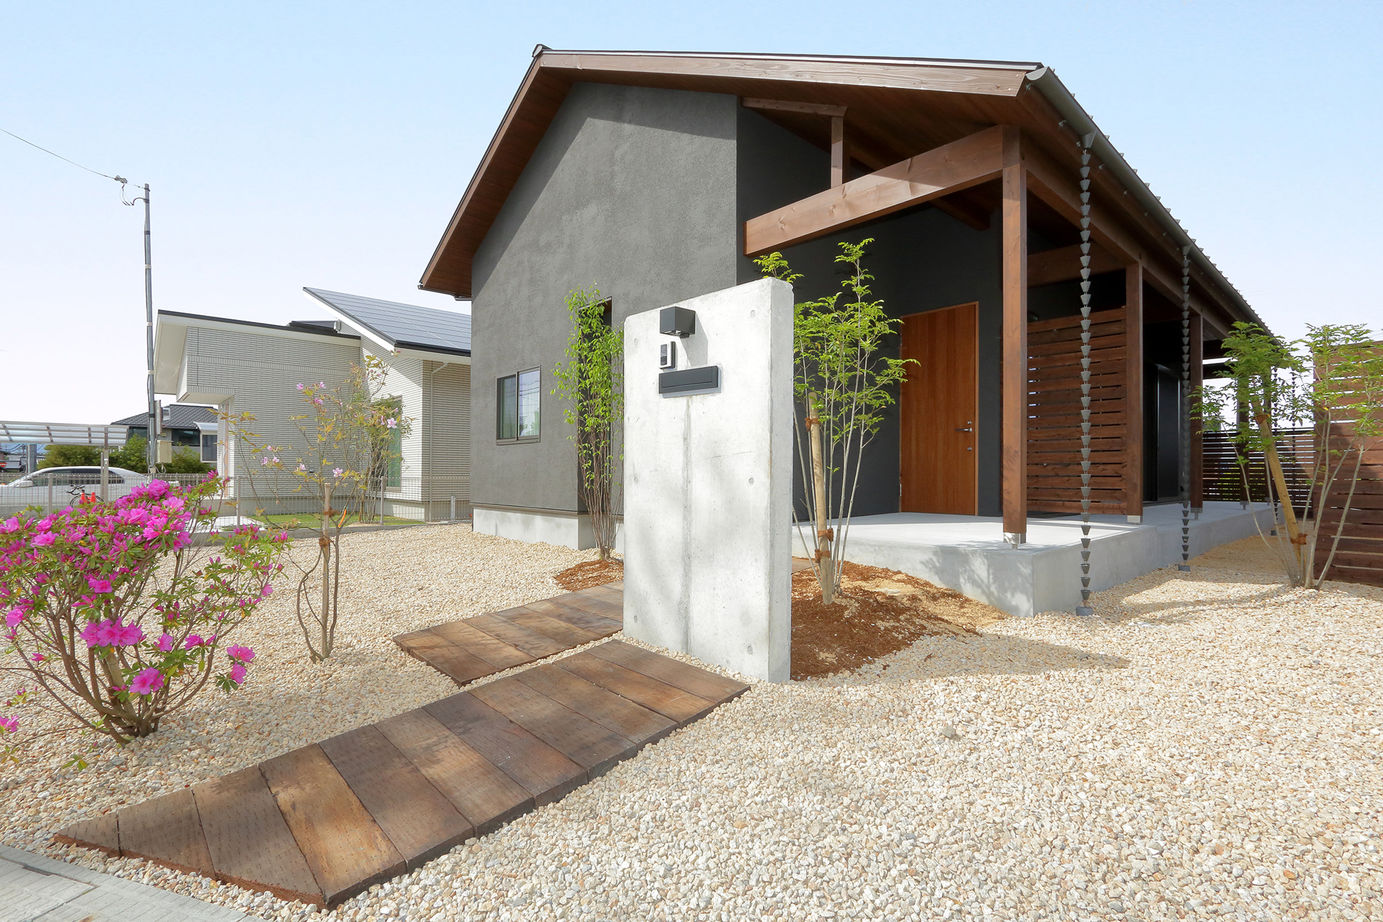 【1500~2000万円】シンプルな間取りで叶えたコンパクトな暮らし。趣味を楽しむ大人の平屋建て住宅画像1